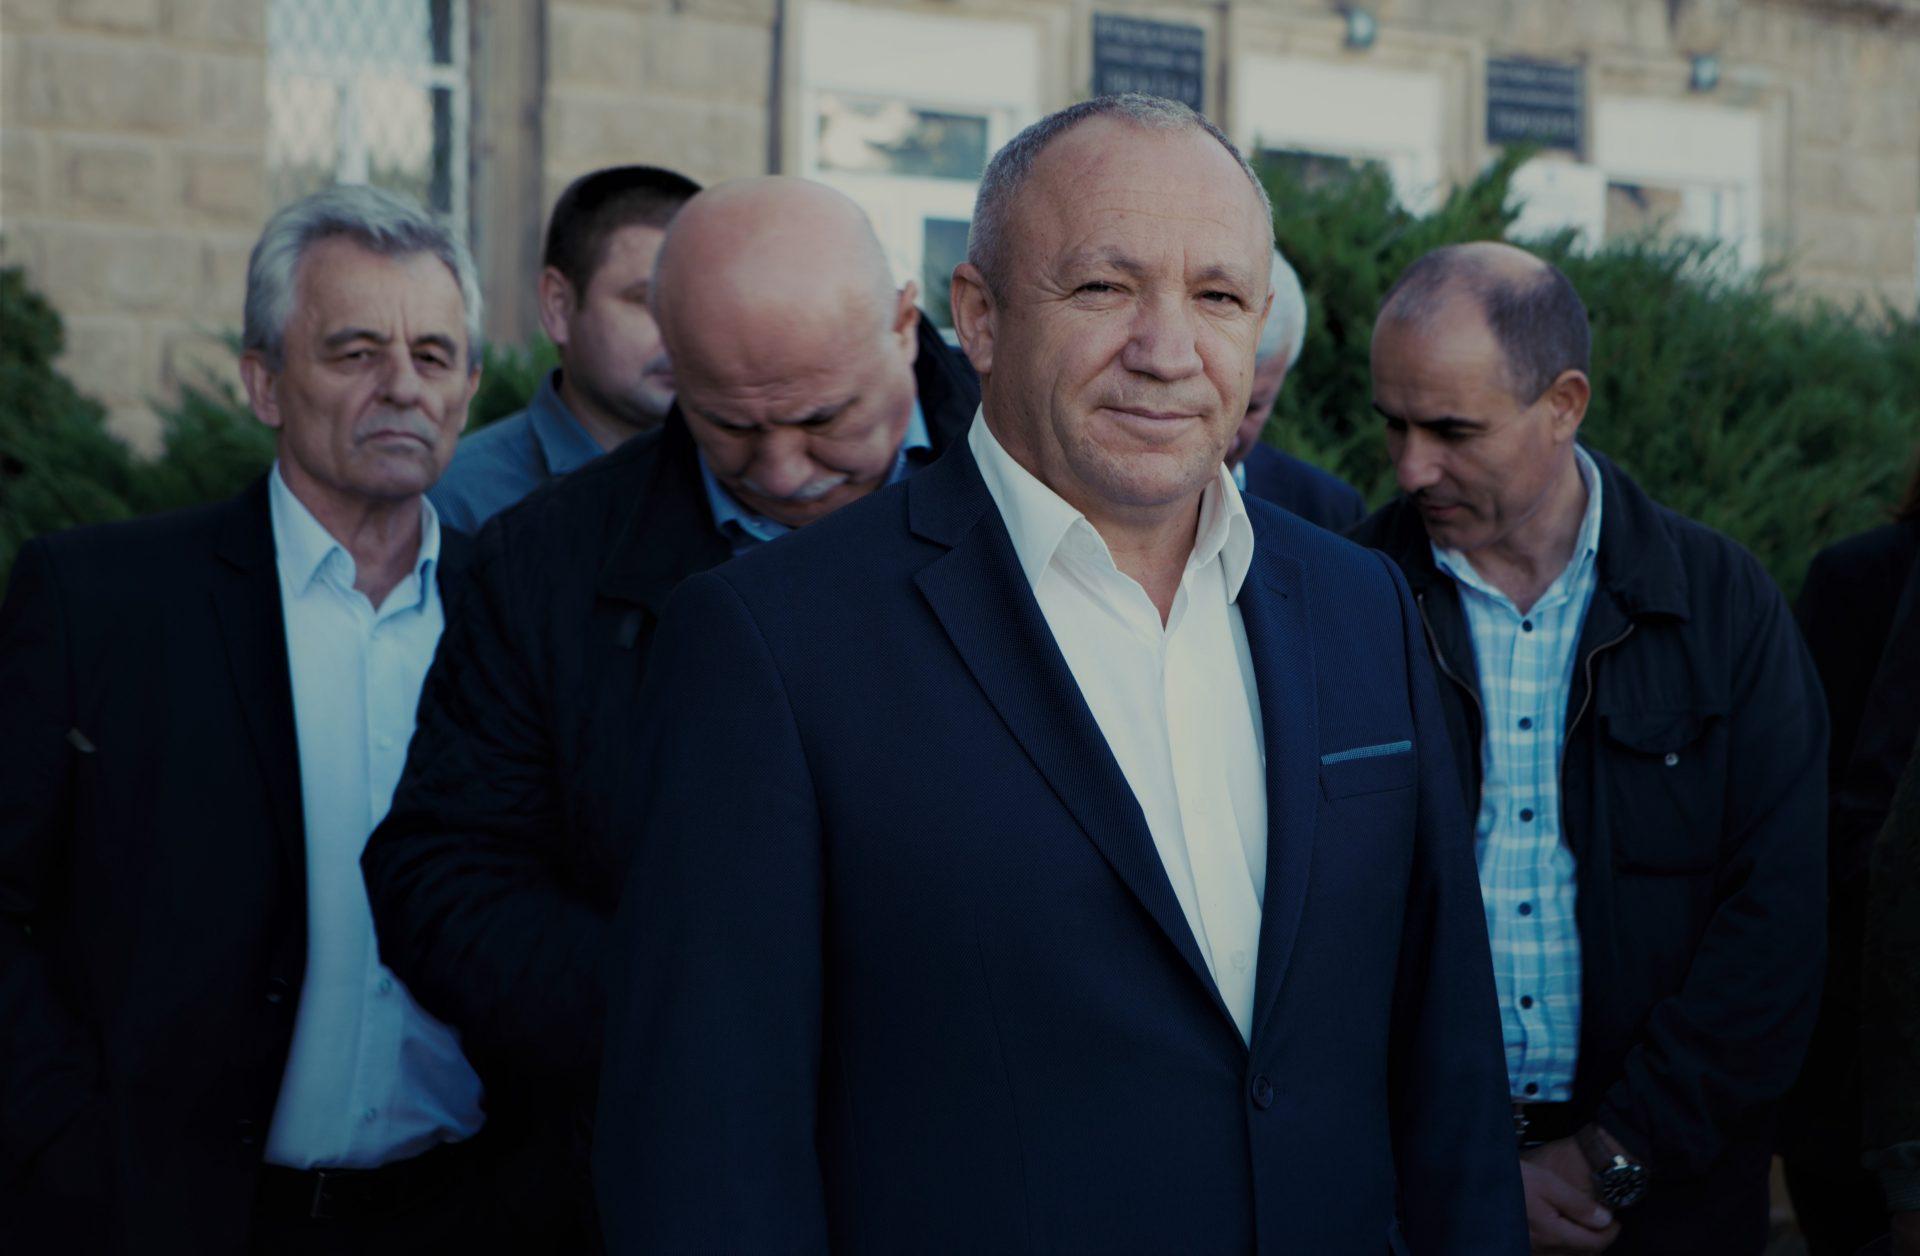 Blocul ACUM și-a înregistrat candidatul pentru funcția de primar al municipiului Bălți. Este vorba de un veteran al Conflictului Transnistrean